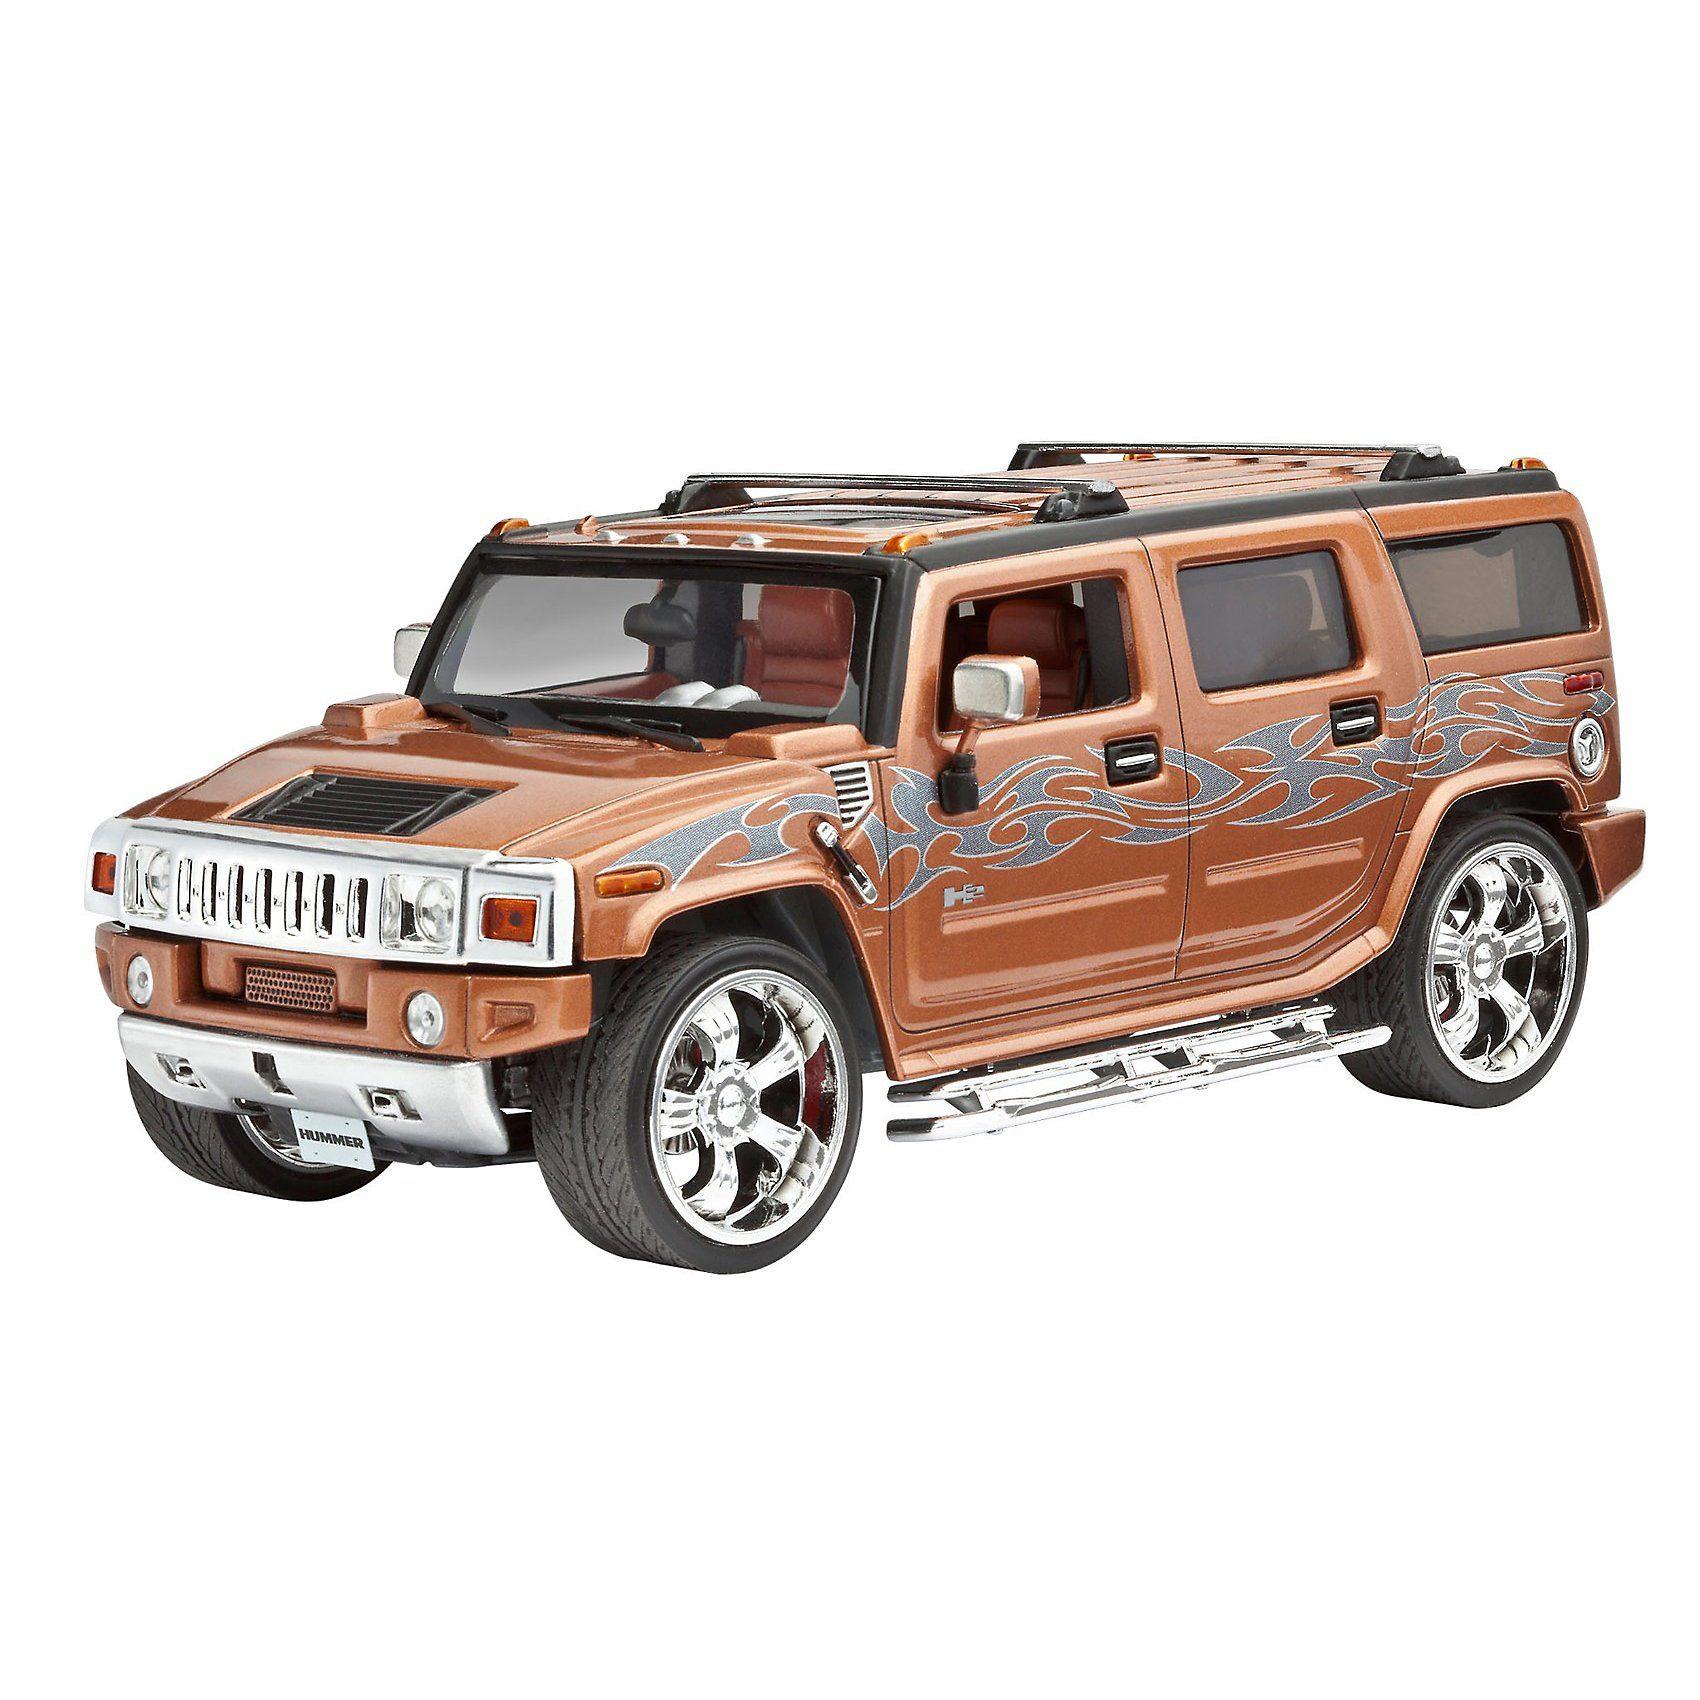 Revell Modellbausatz 'Hummer® H2 im Maßstab 1:25